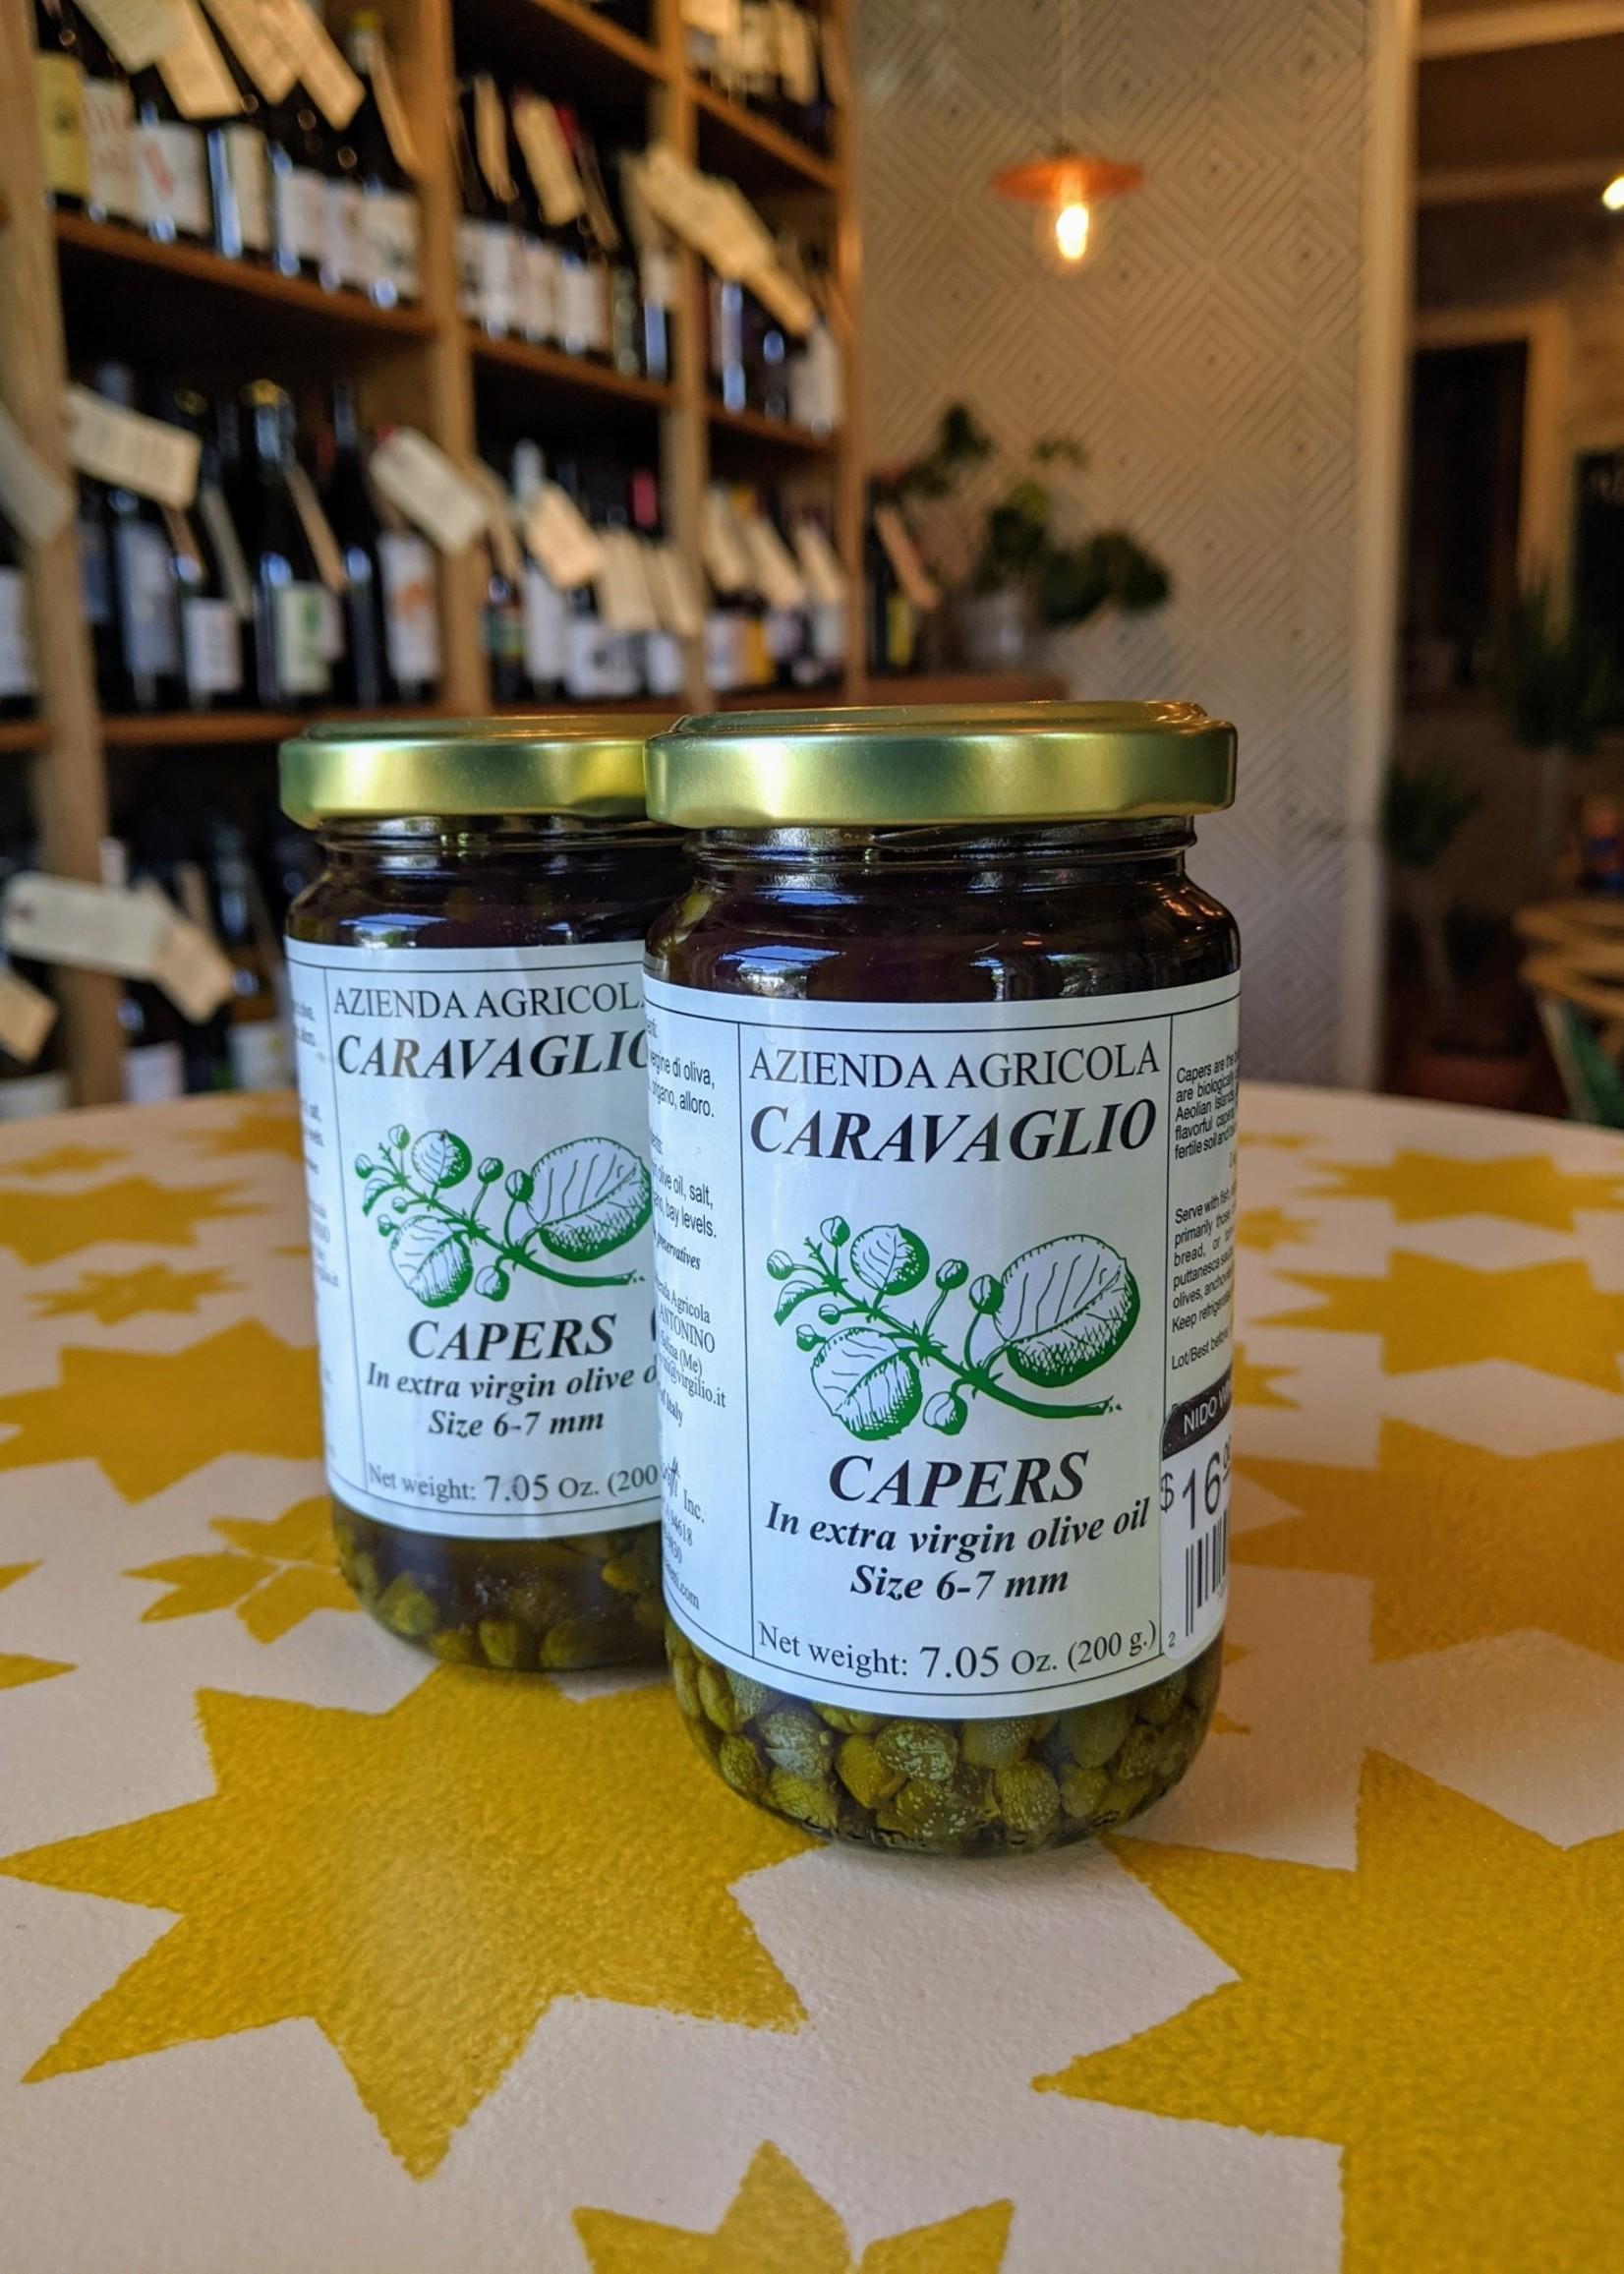 Azienda Agricola Caravaglio  Capers in Olive Oil (7oz)